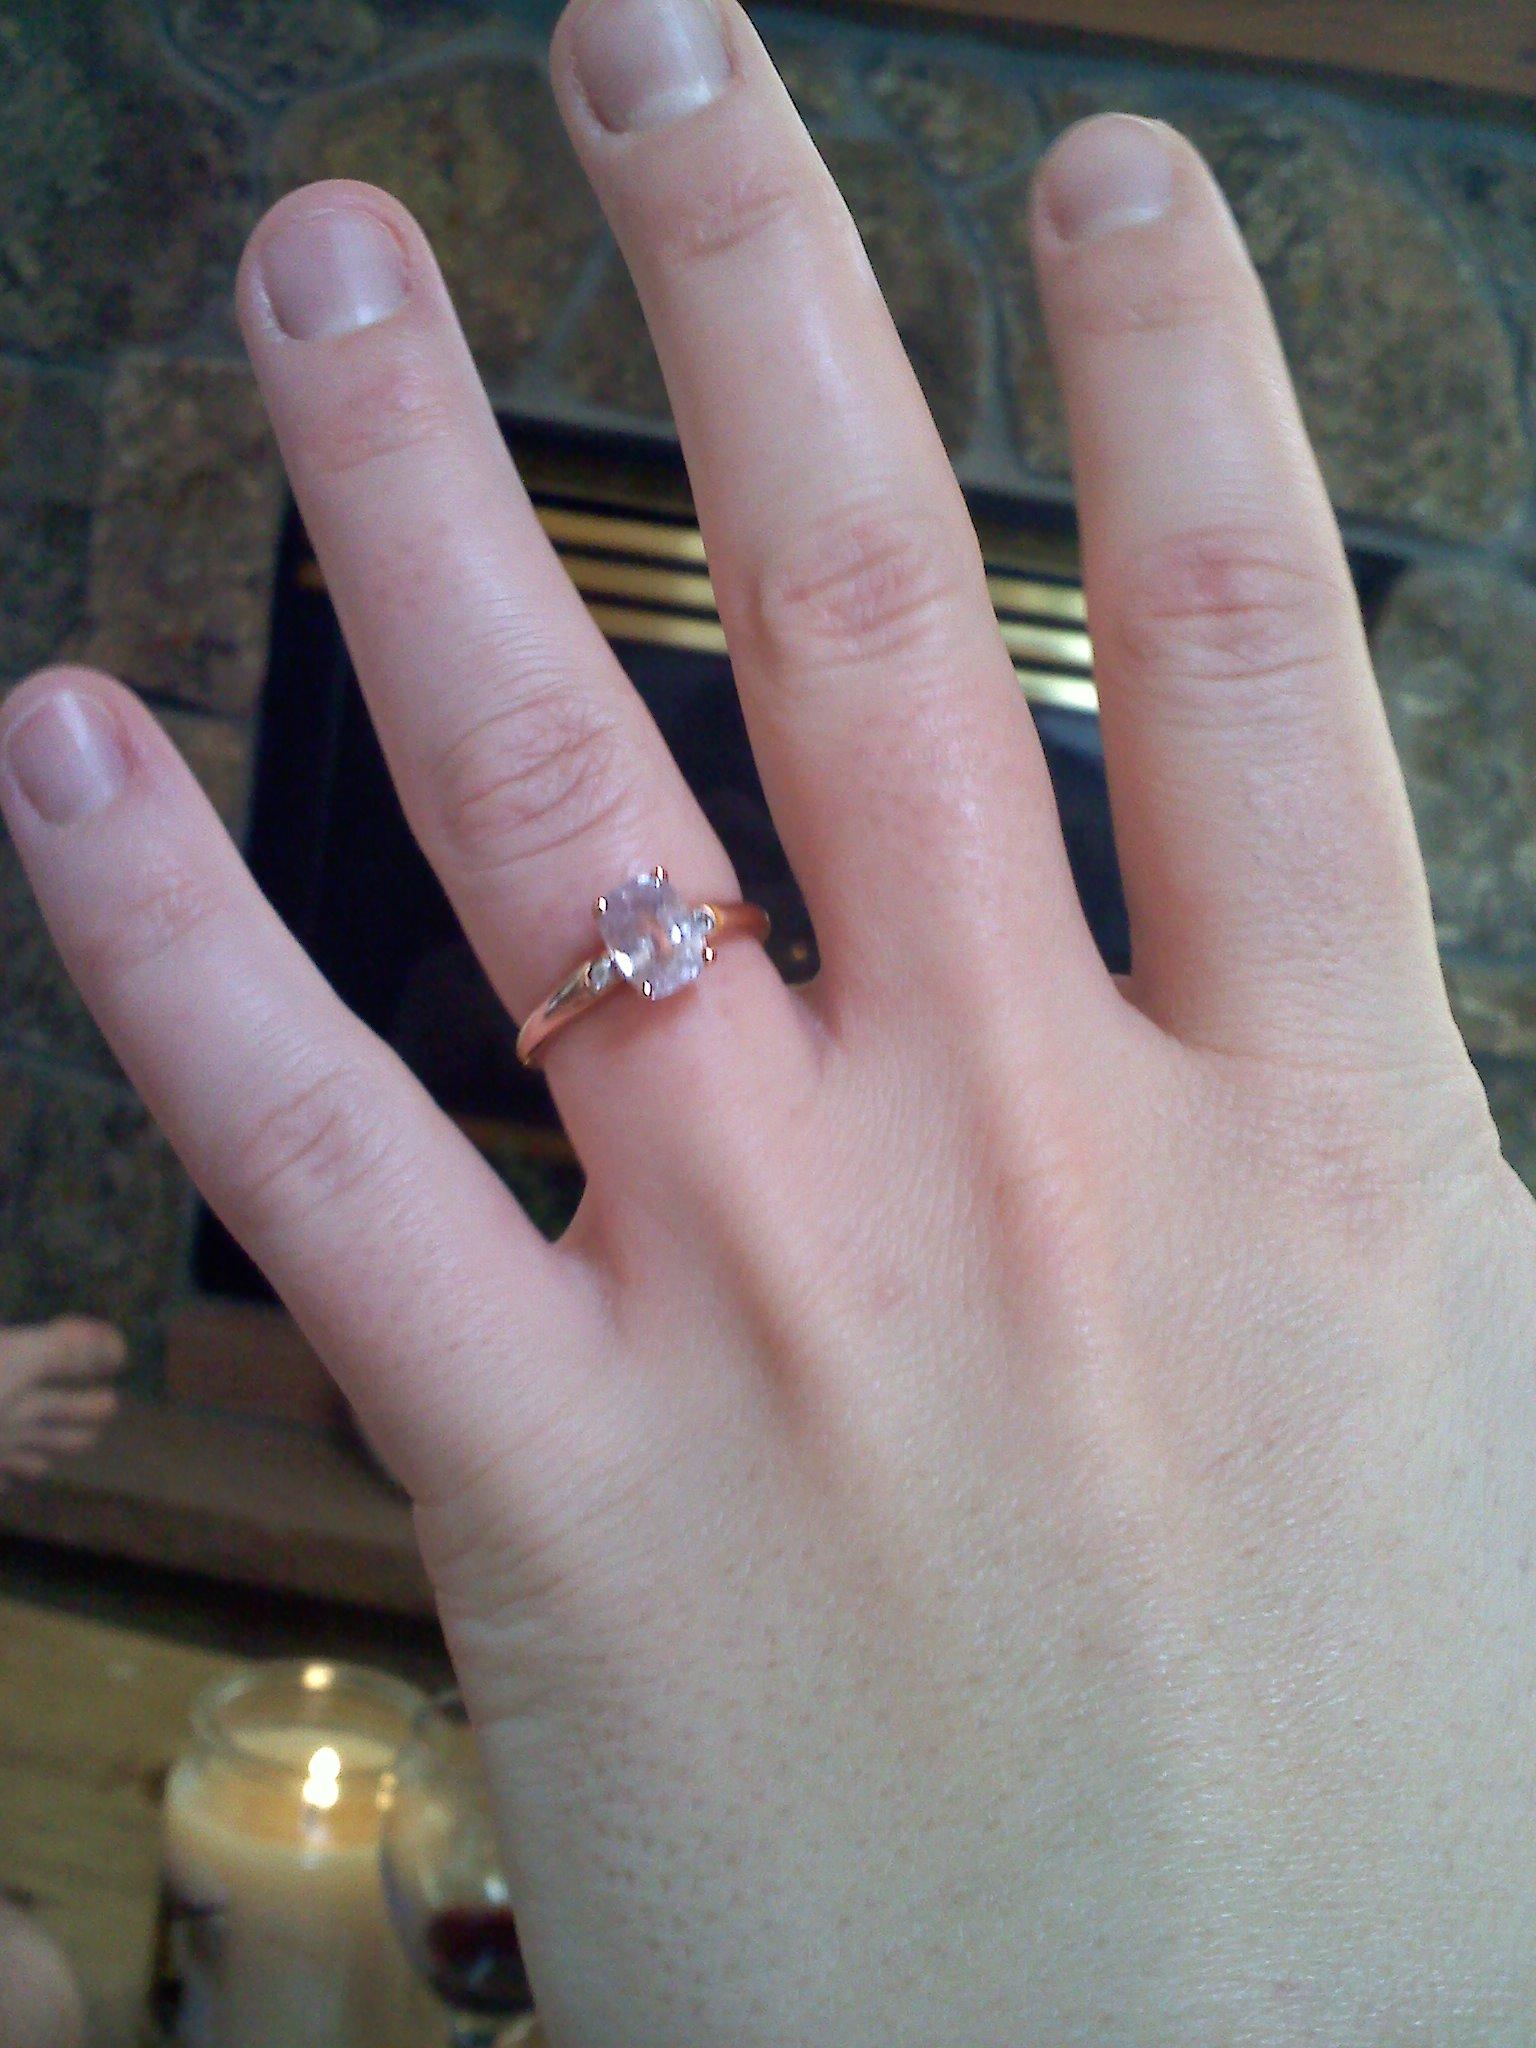 Sapphire Engagement Ring Image Description; Image Description